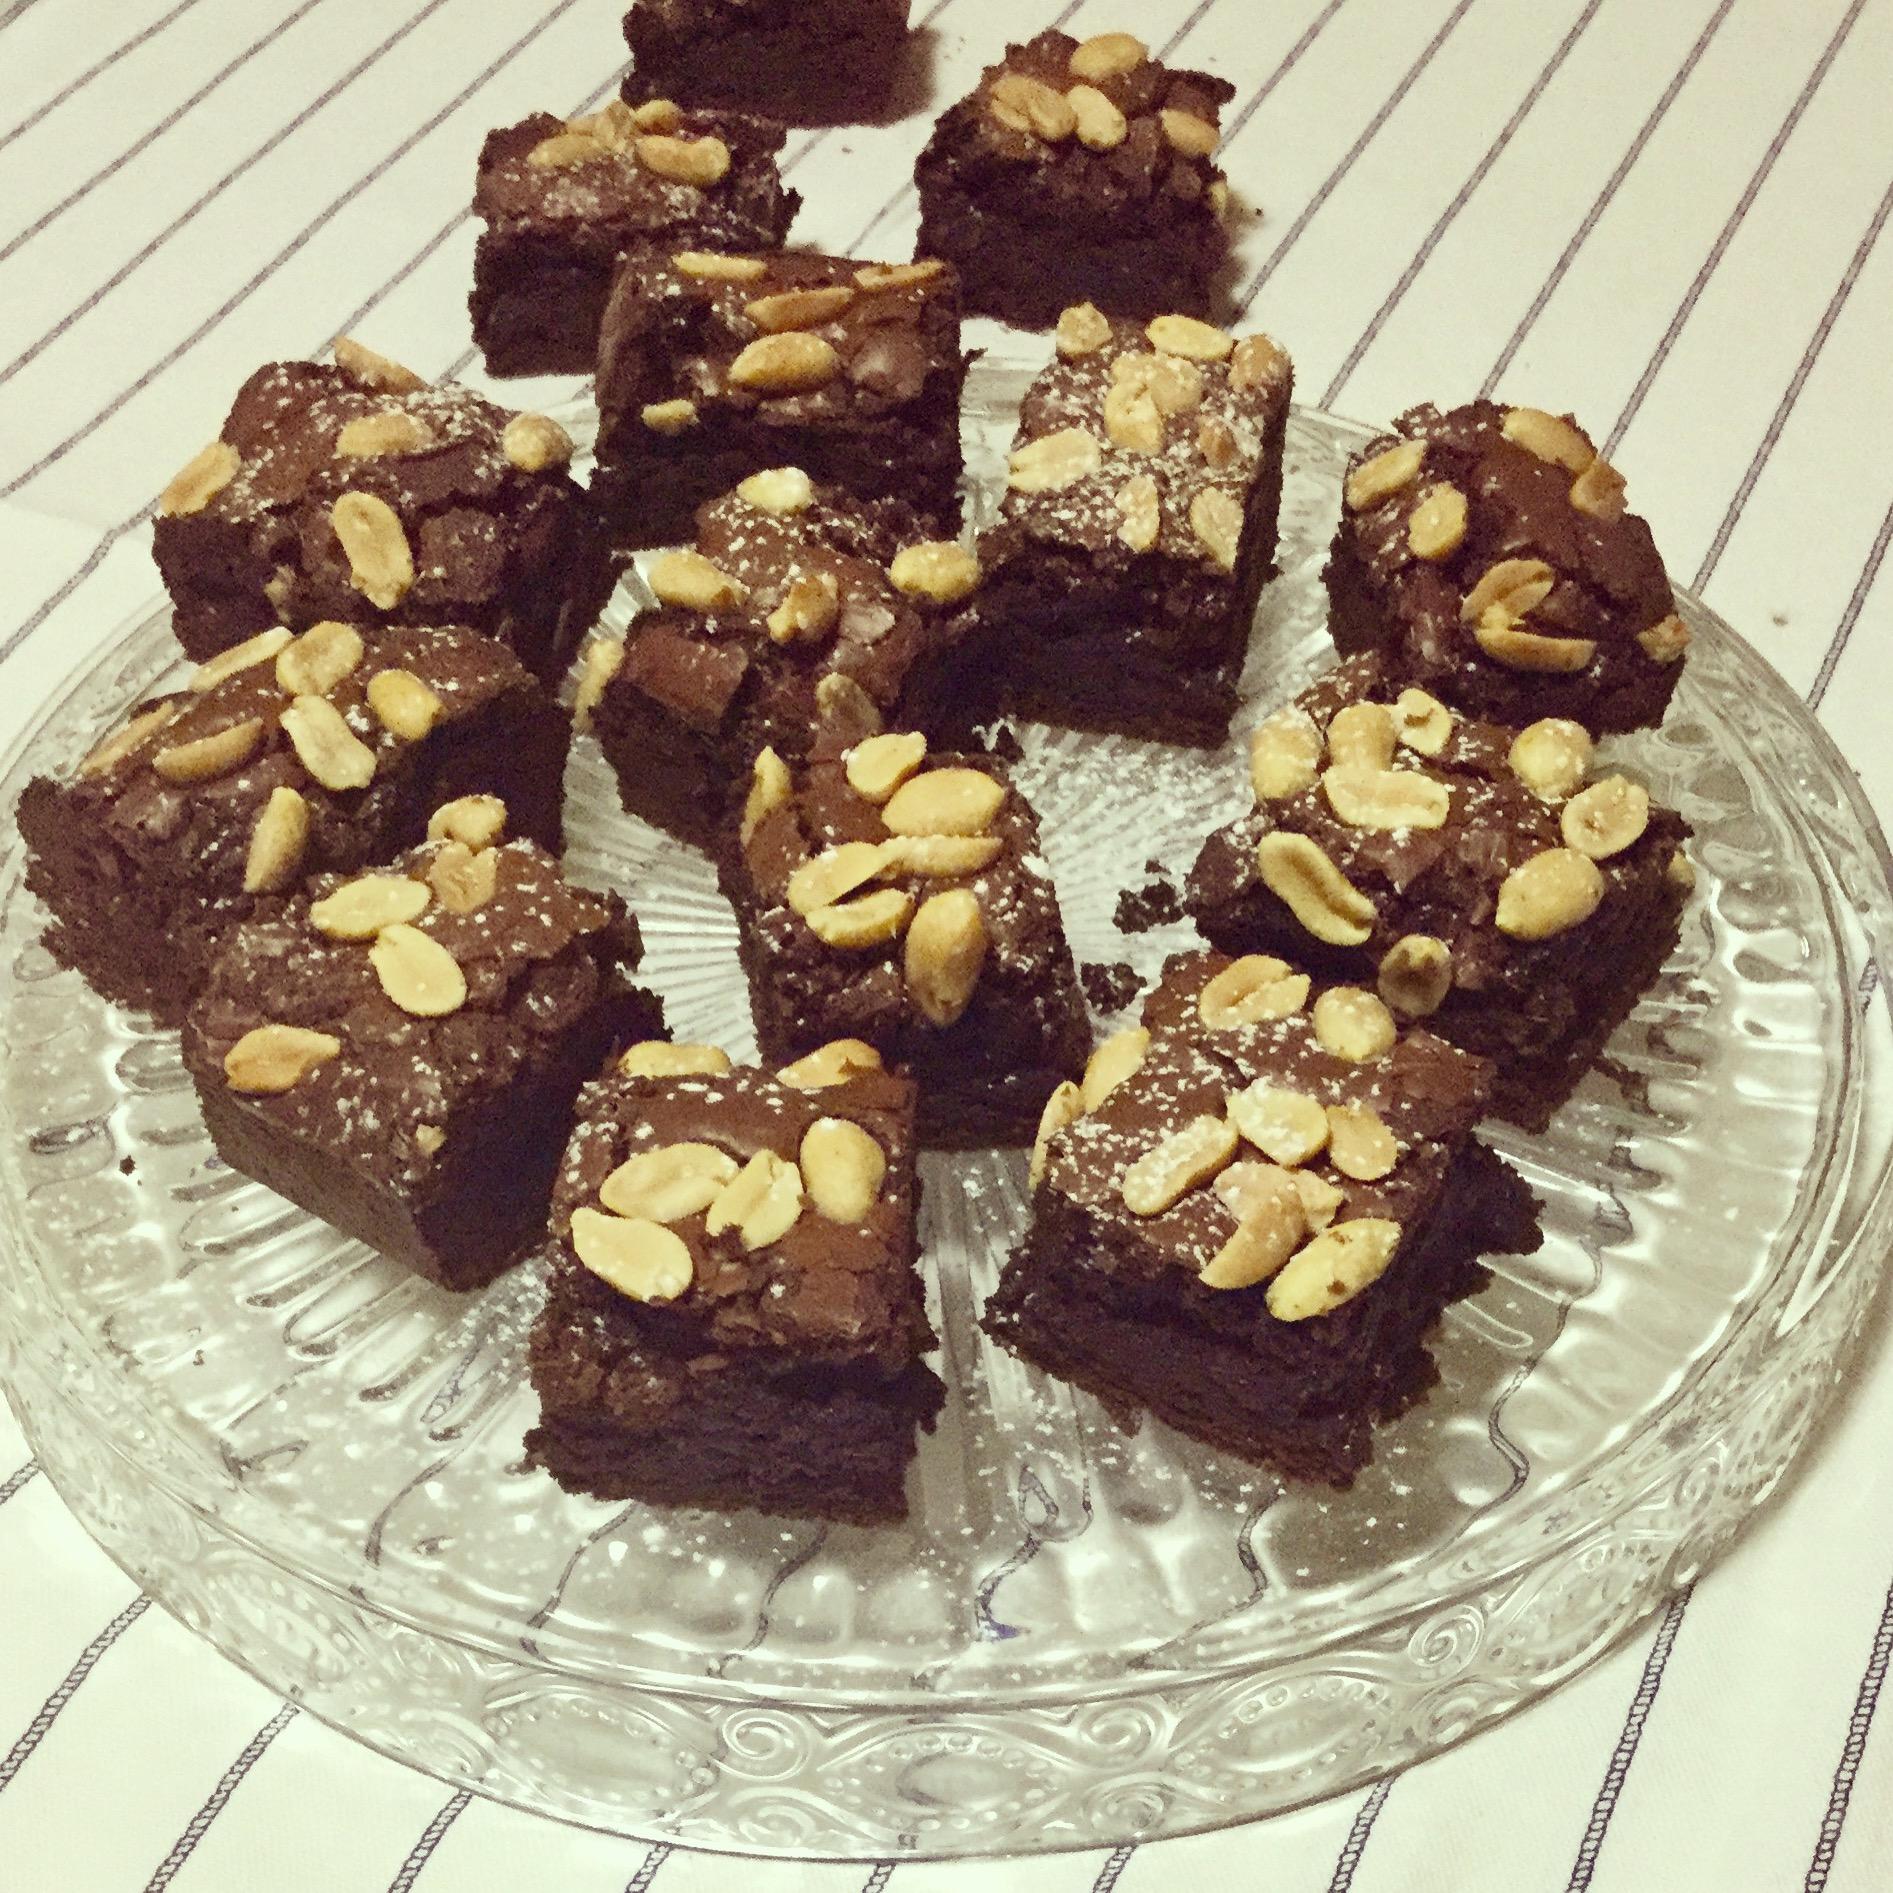 Brownie al cioccolato con burro di arachidi e arachidi salate